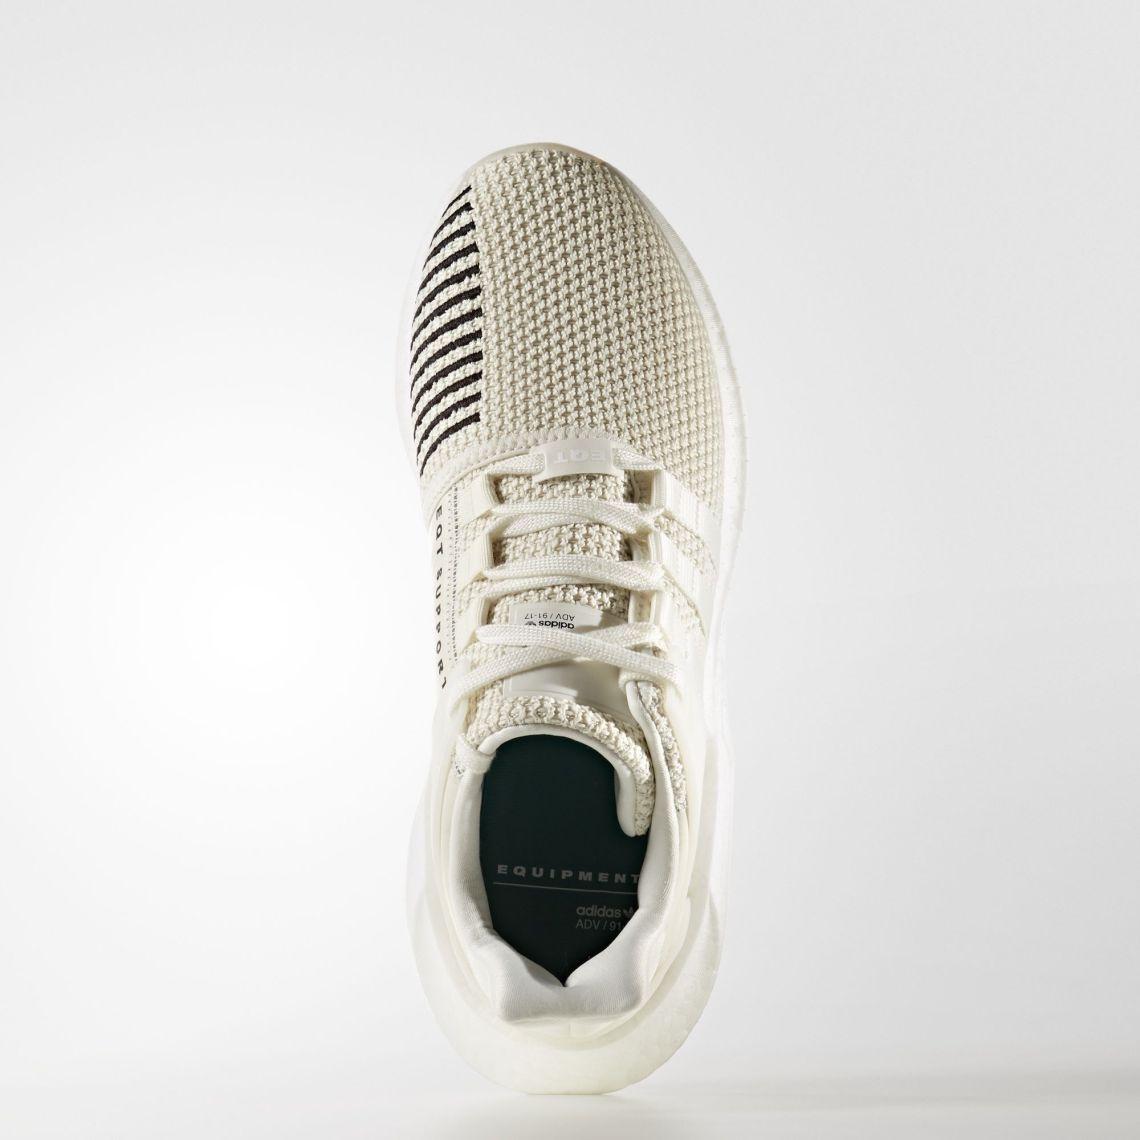 SOLE LINKS on Twitter: